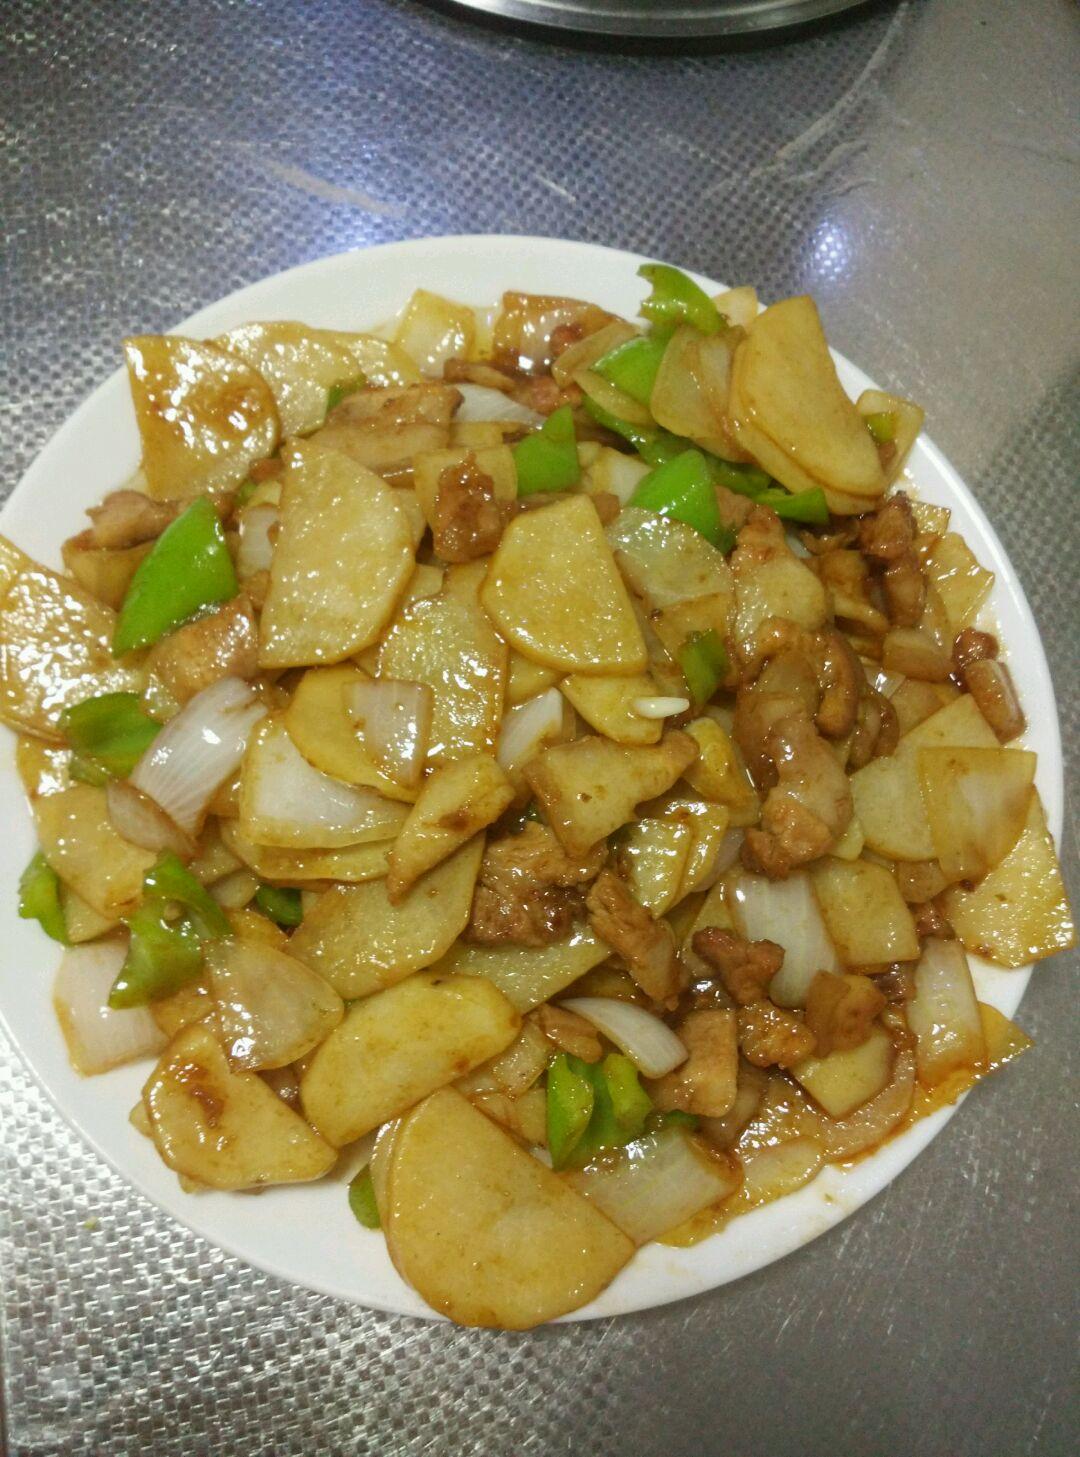 干鍋土豆片的做法_【圖解】干鍋土豆片怎么做如何做好吃_干鍋土豆片家常做法大全_夢鄉小憶_豆果美食